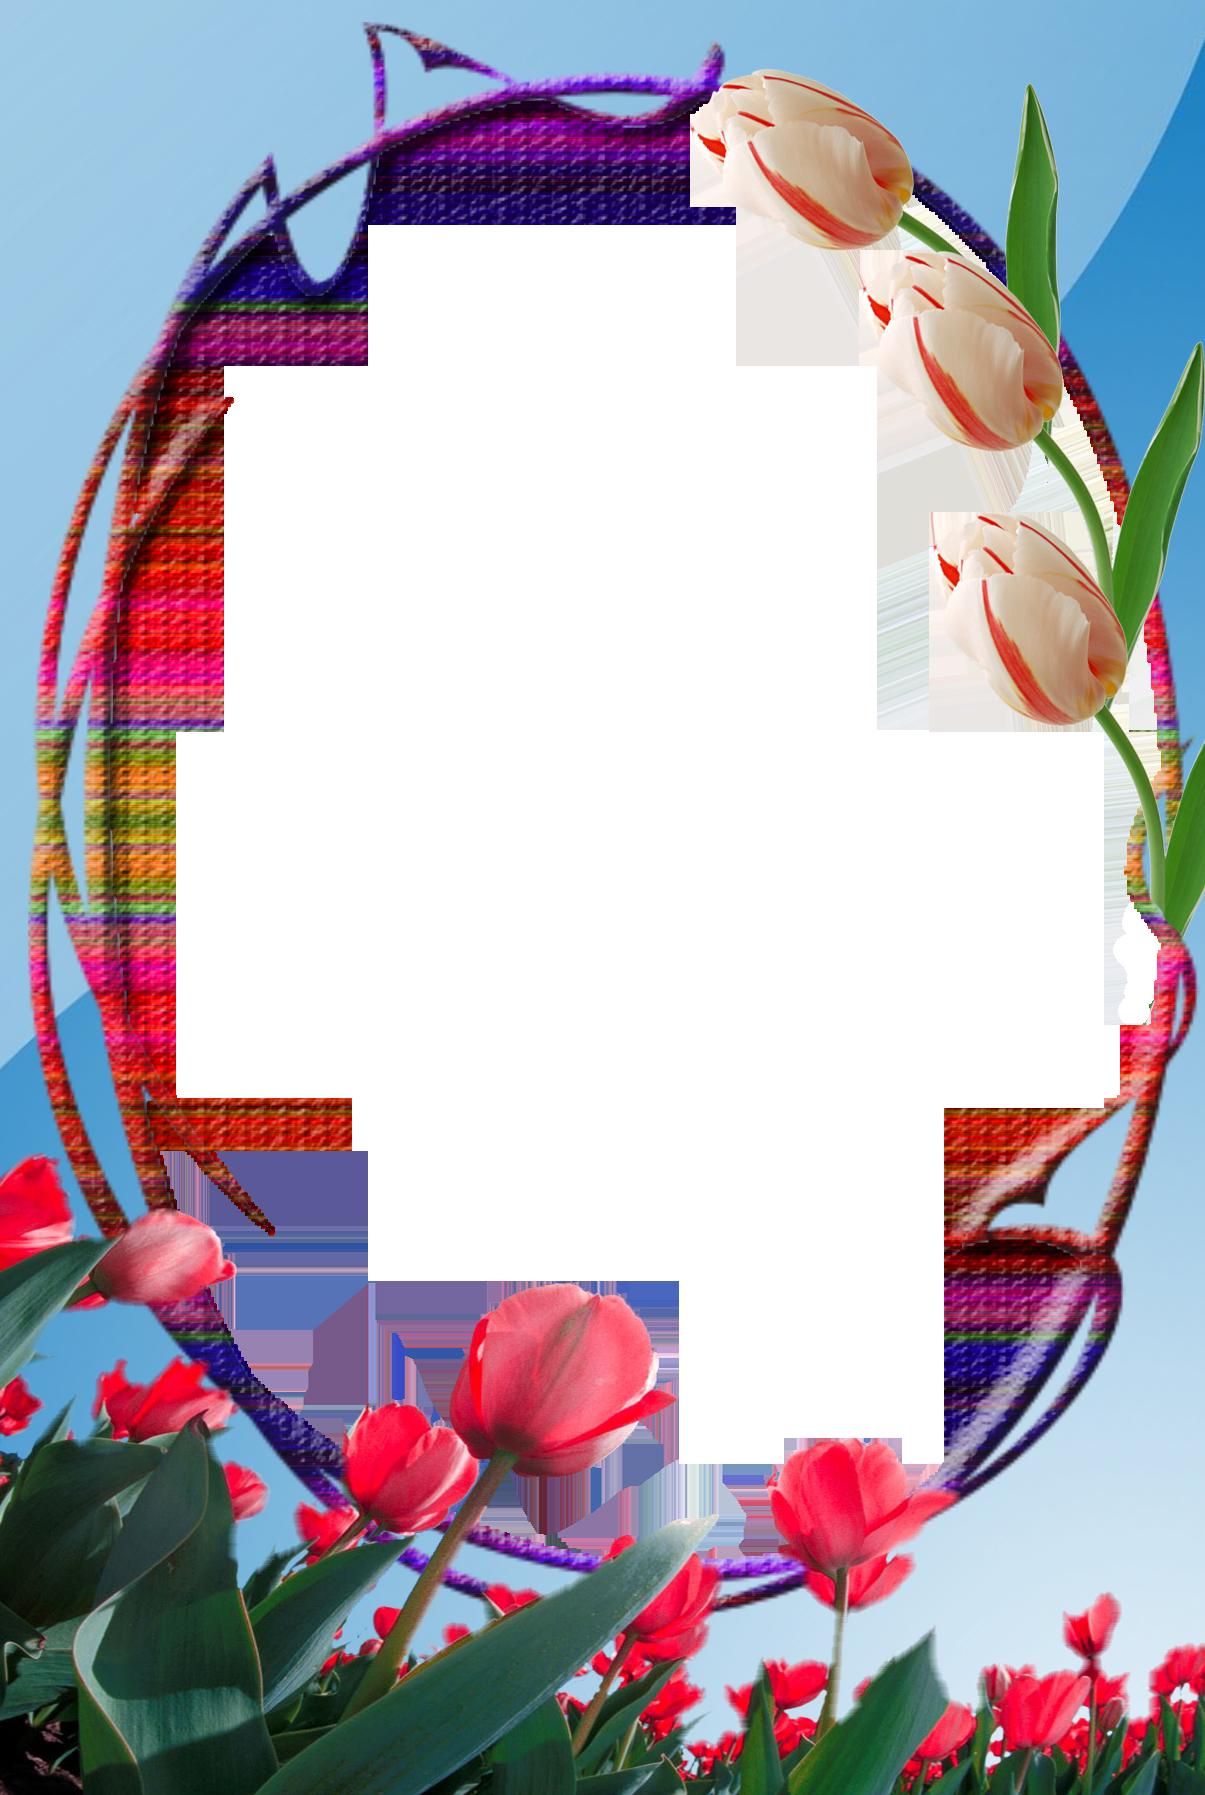 картинки с прозрачным фоном пнг